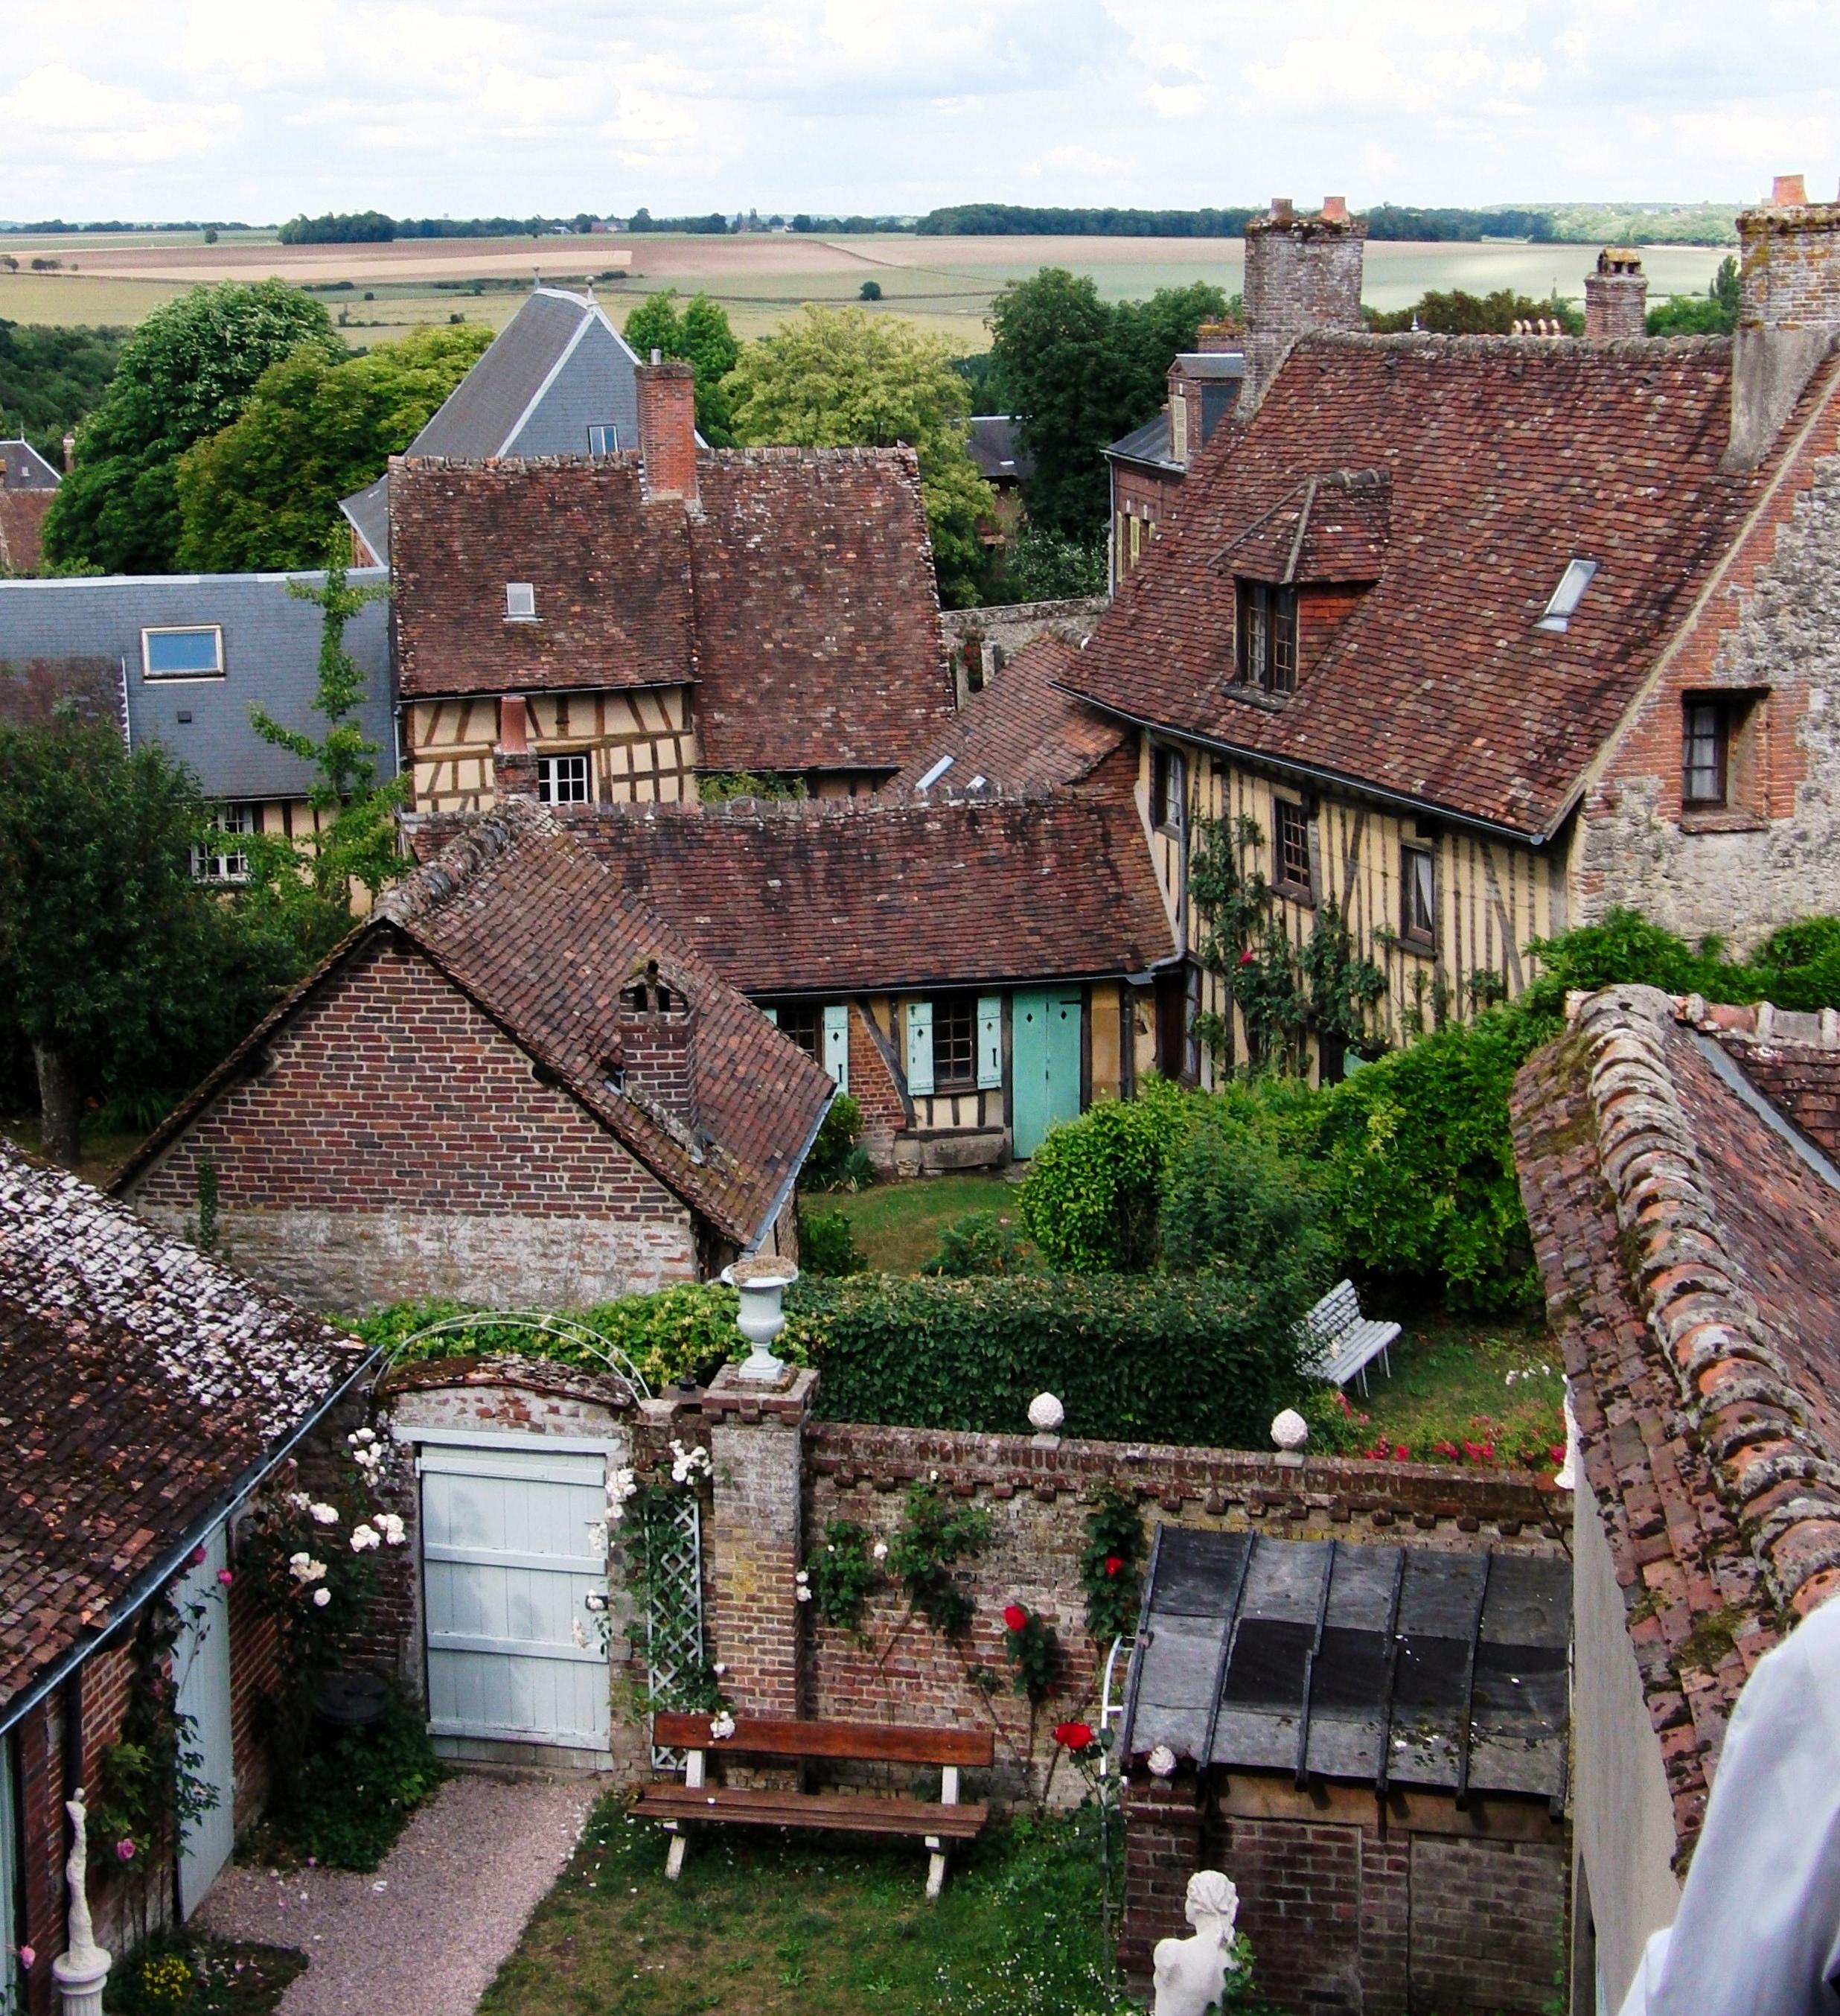 Gerberoy oise france 2472x2708 villageporn for Le jardin france 5